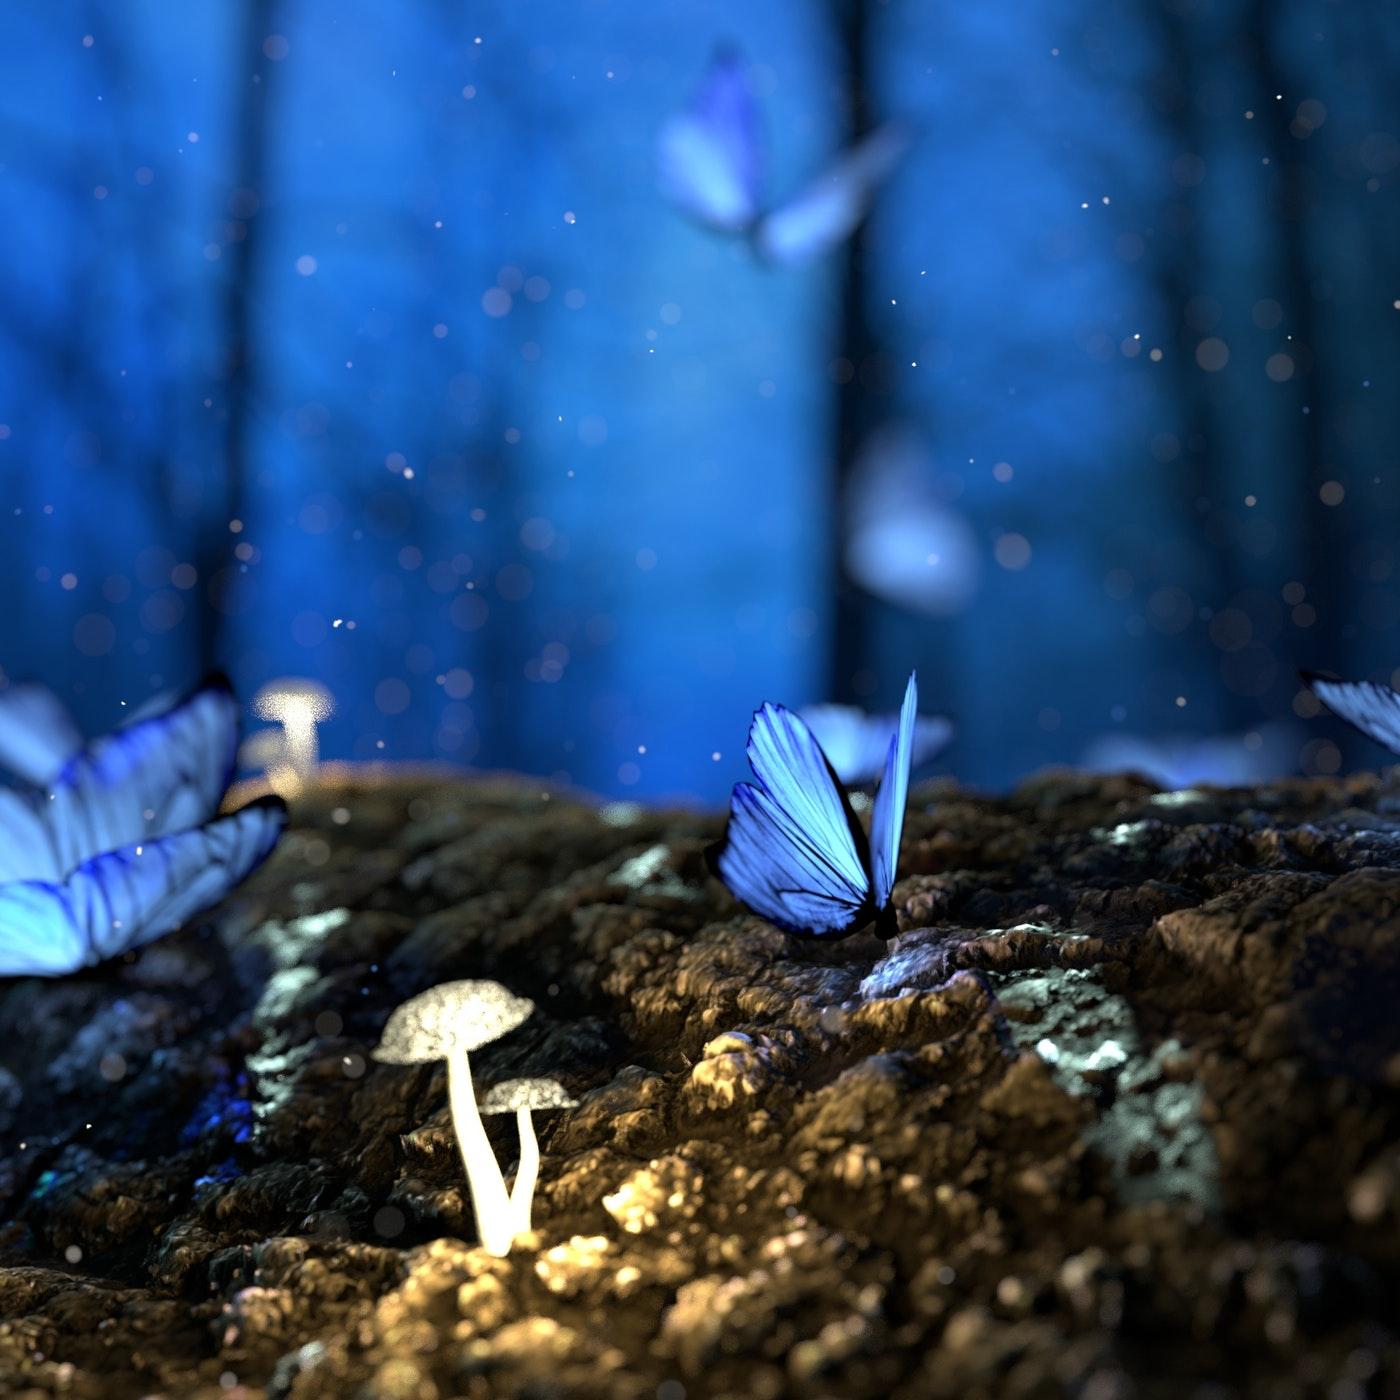 【2021放鬆森林系鋼琴音樂】令人放鬆的森林系鋼琴音樂,讓您彷彿在森林中與精靈們共舞。